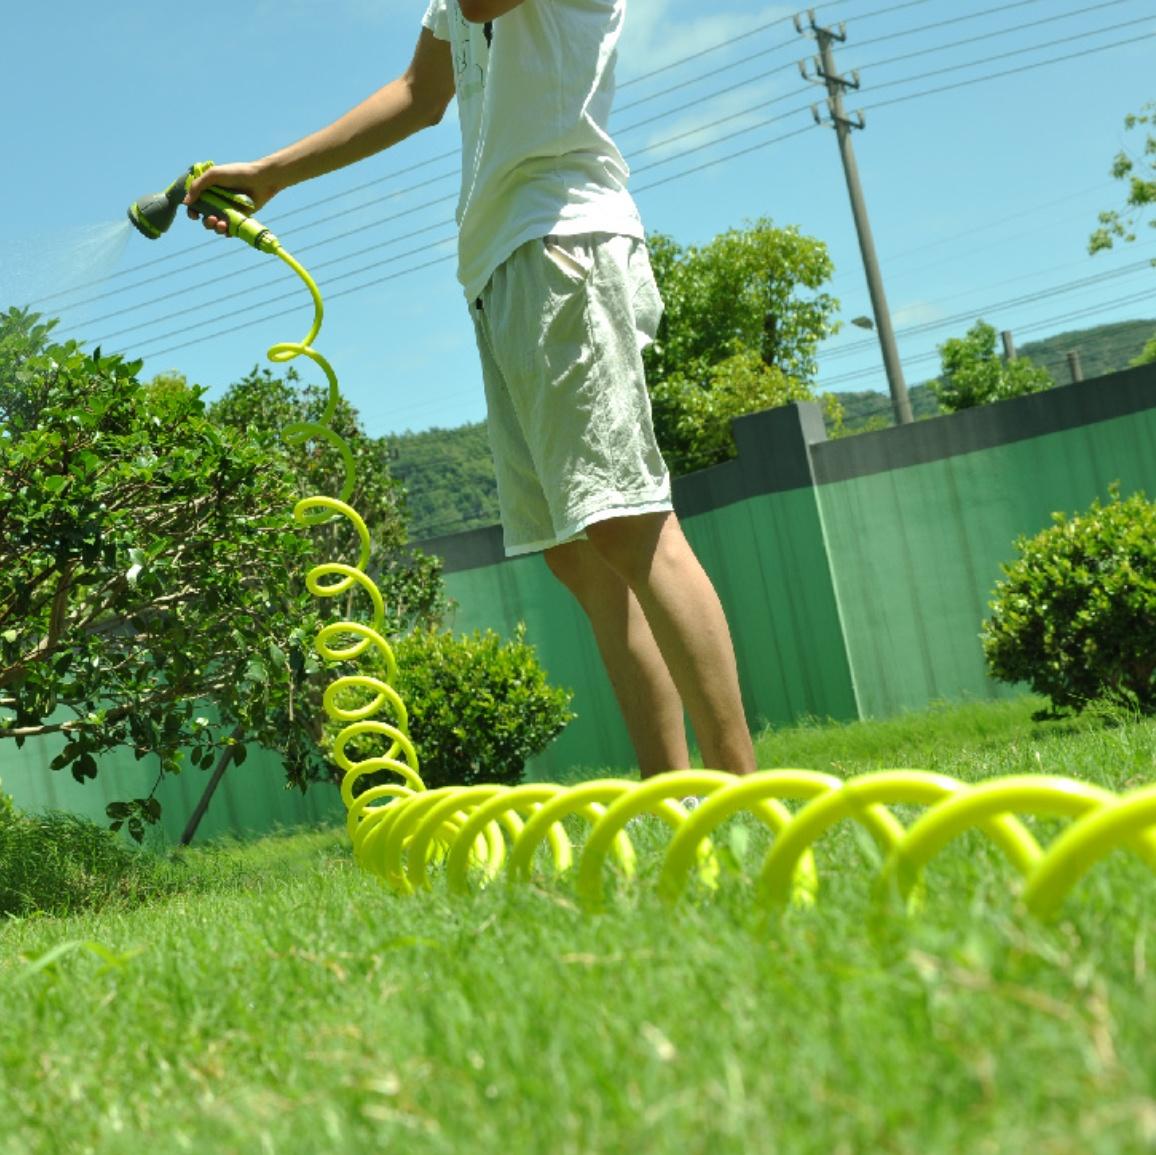 Furtun extensibil verde pentru gradina Green Garden - 15M